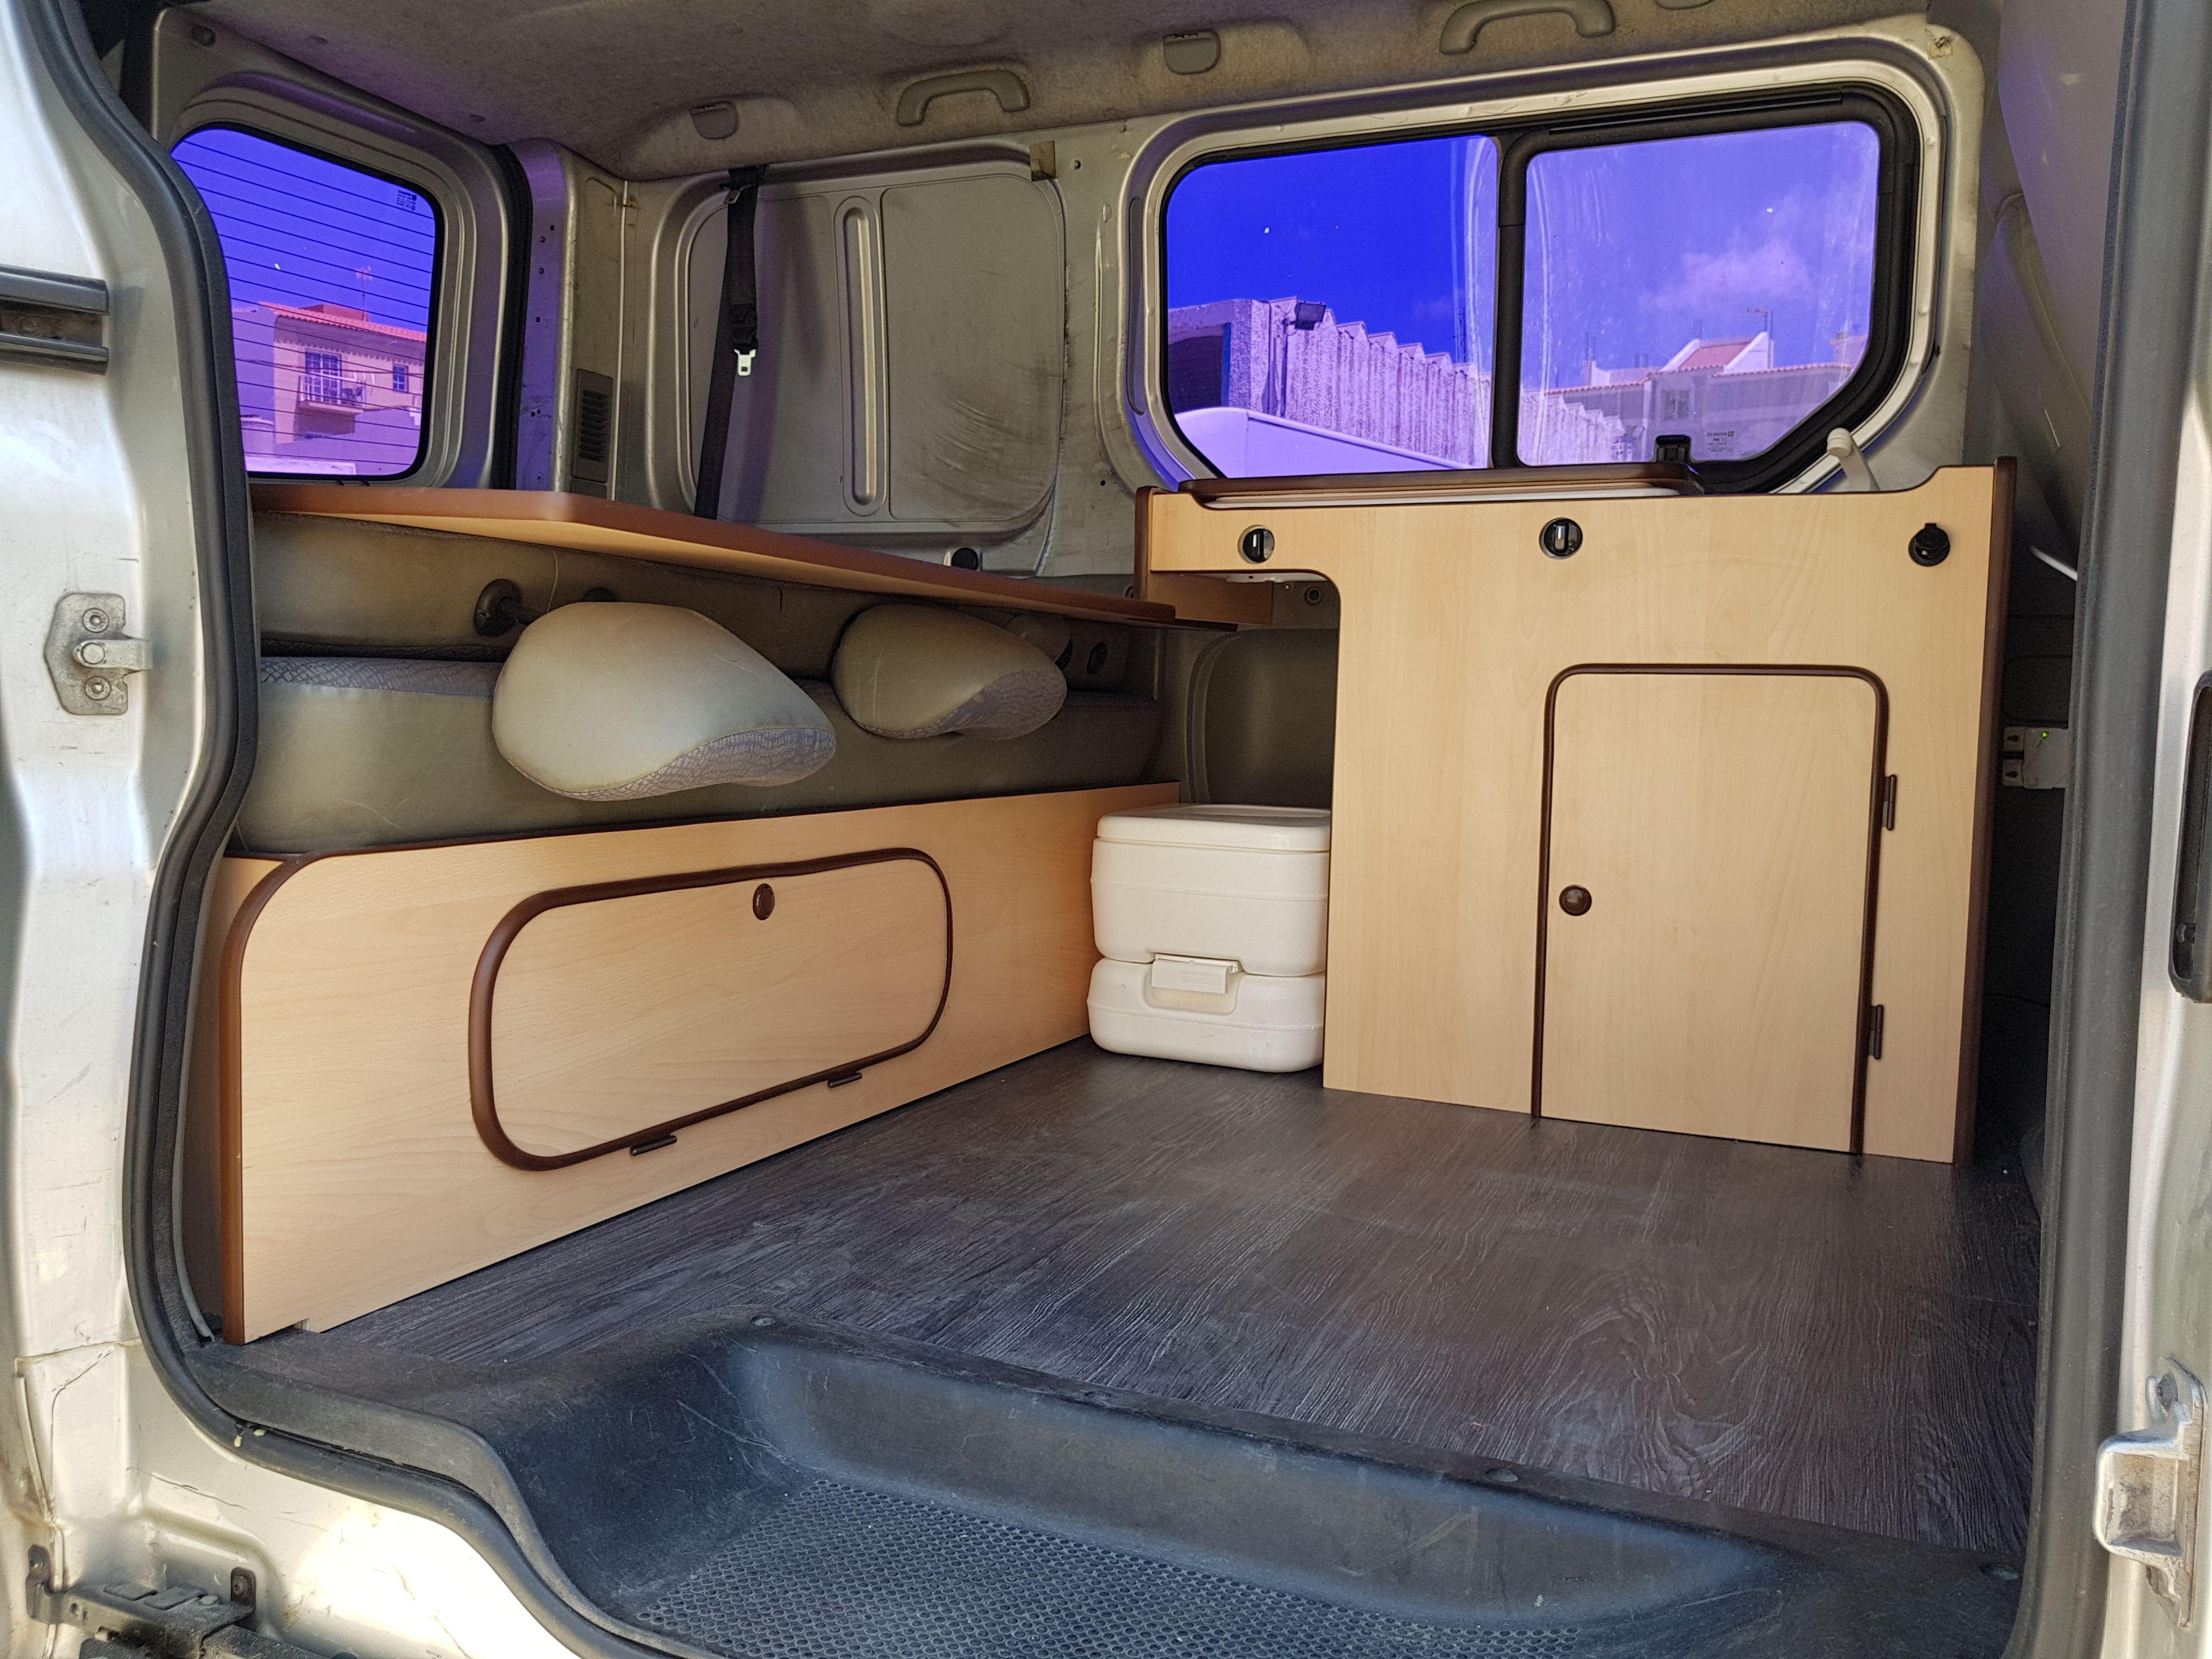 Foto 20 de Taller de furgonetas camperizadas y caravanas en Vecindario | SMV Camper